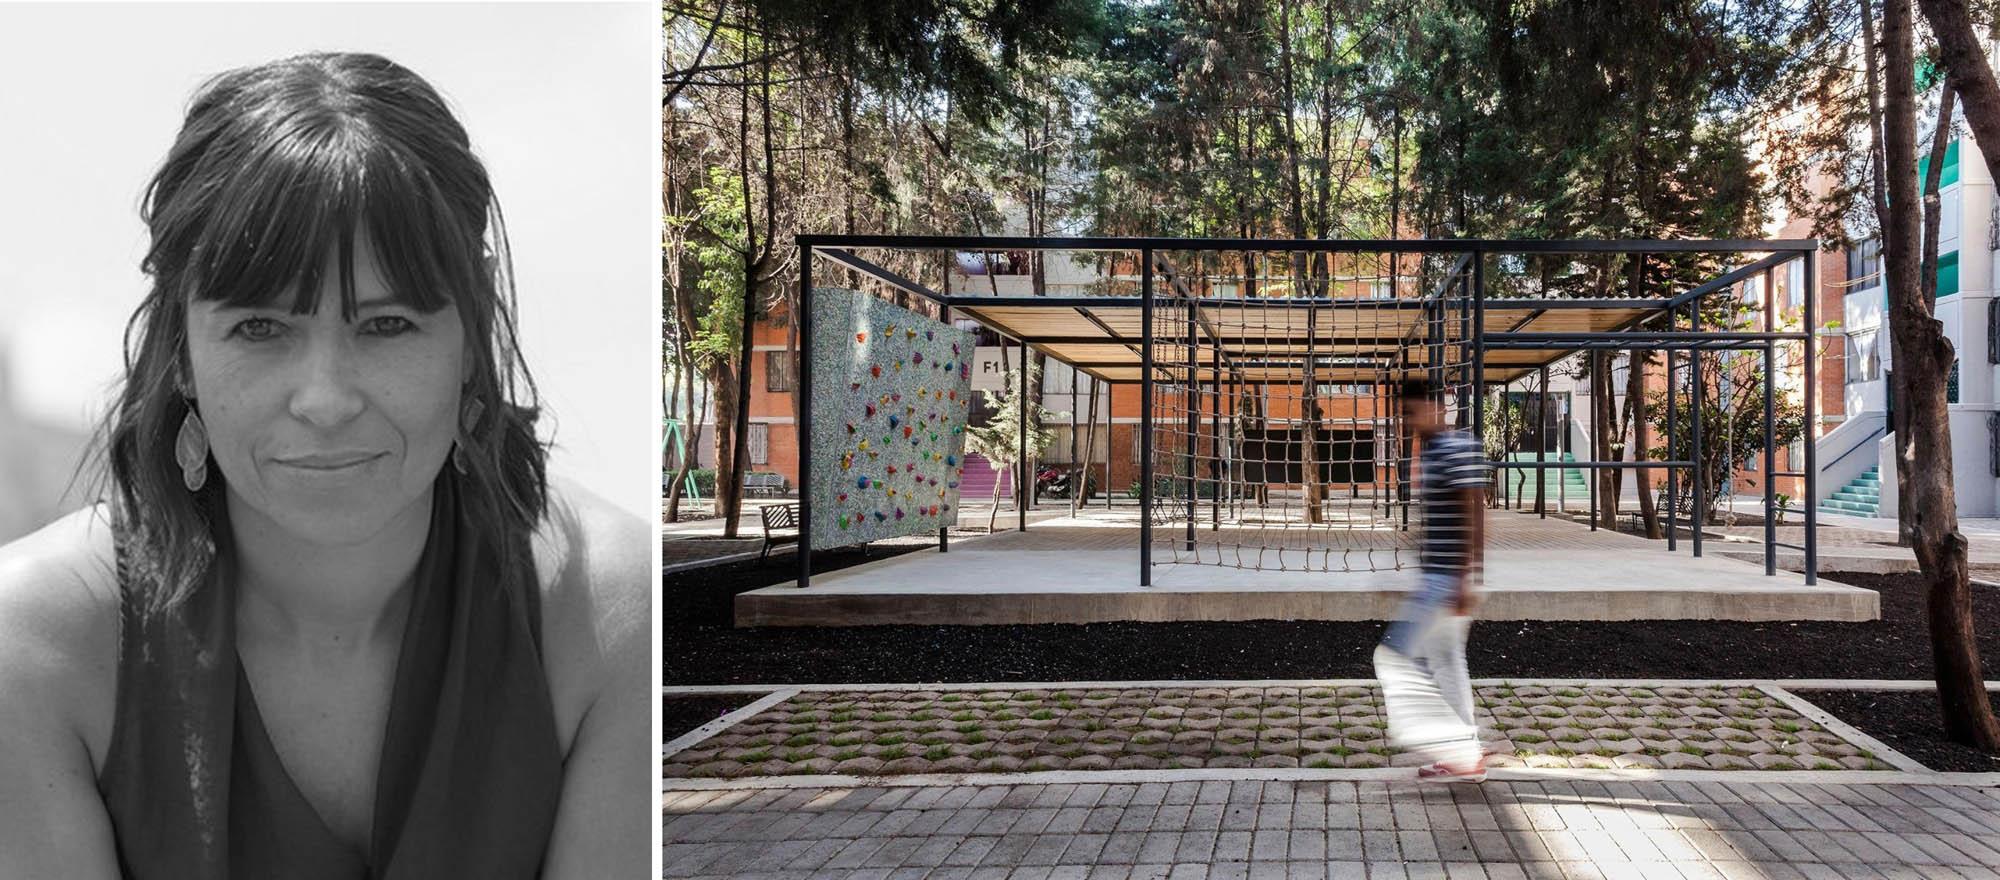 Trái: Rozana Montiel, ảnh qua Archdaily; Phải: COMMON-UNITY, một dự án cải tạo công cộng ở Thành phố Mexico, ảnh qua Metalocus